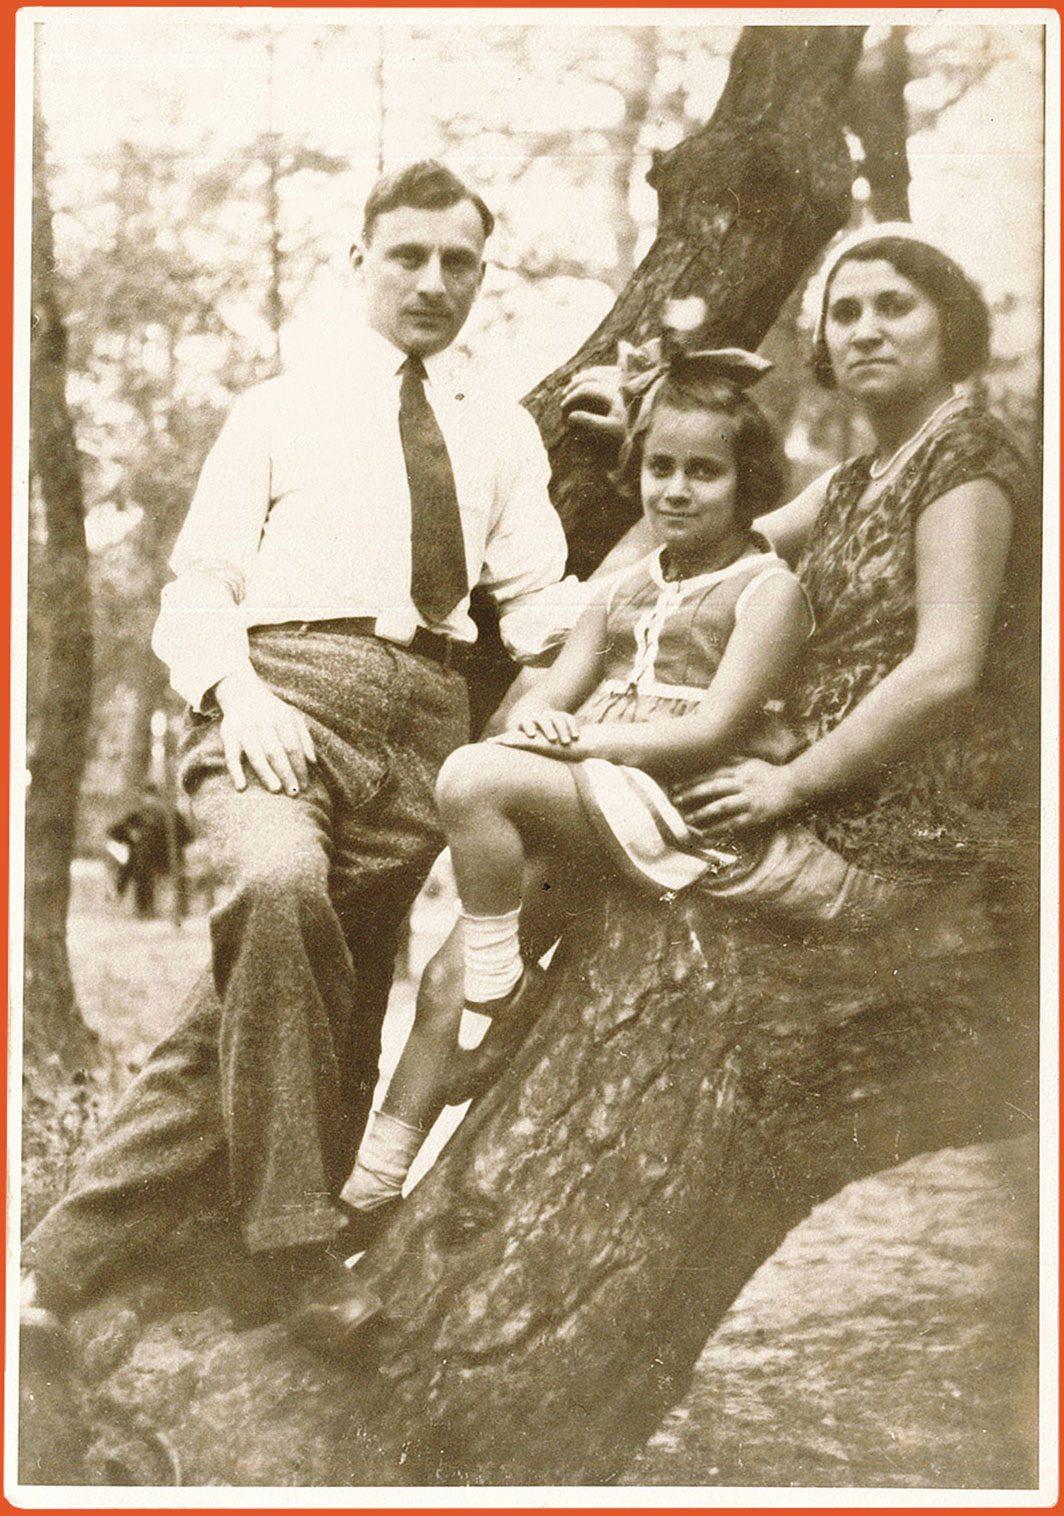 Family portrait taken in forest